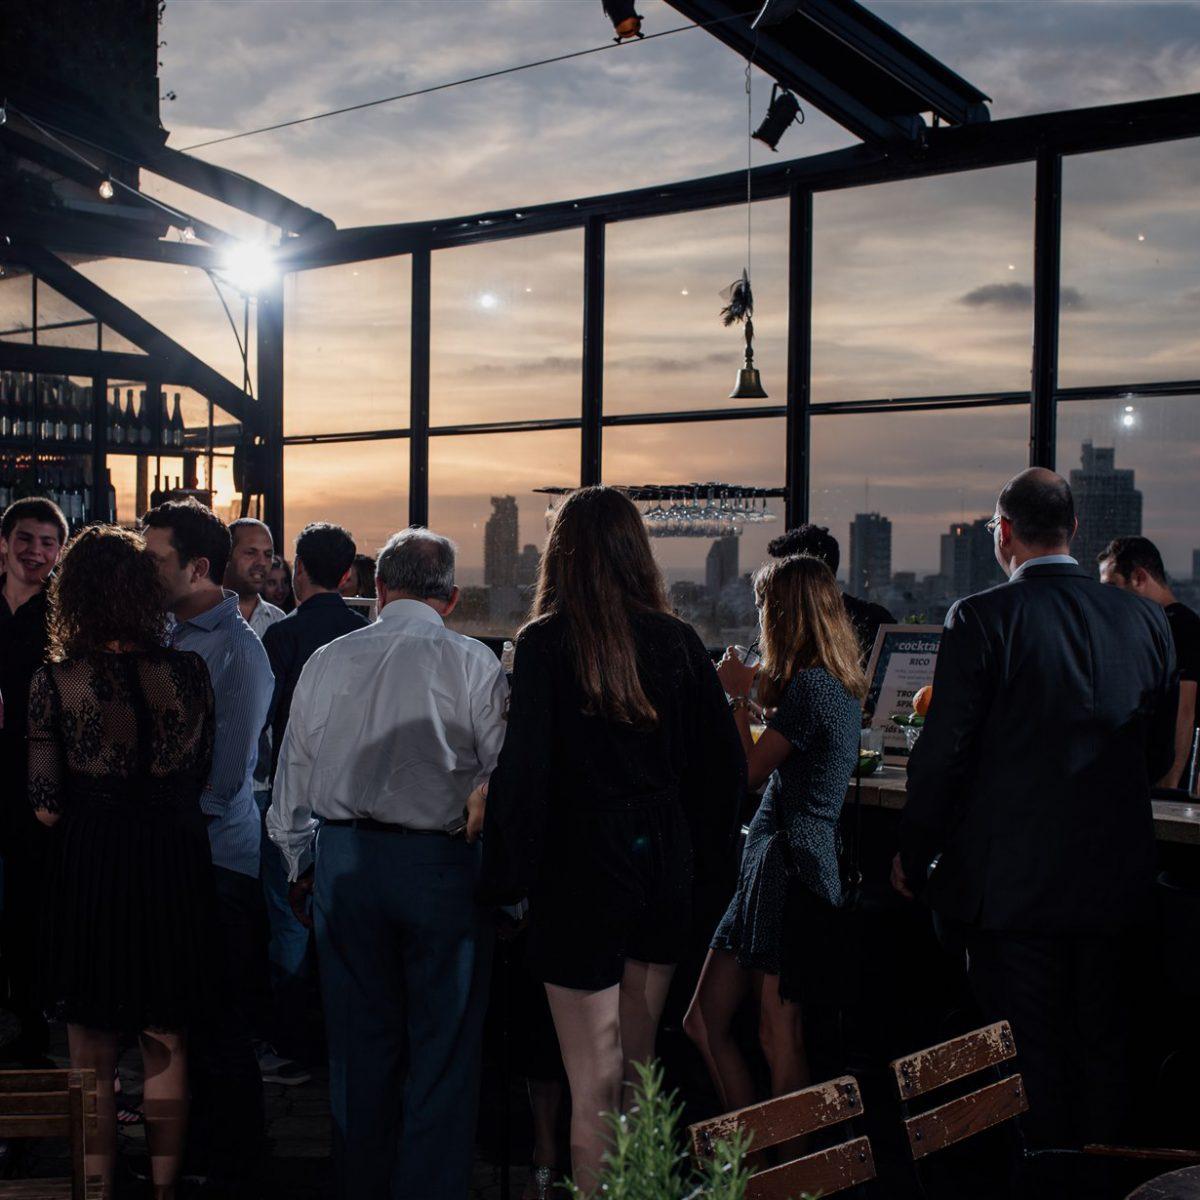 אנשים באירוע בר מצווה בלילה בסורה מרה - People at a night bar mitzva event at Suramara